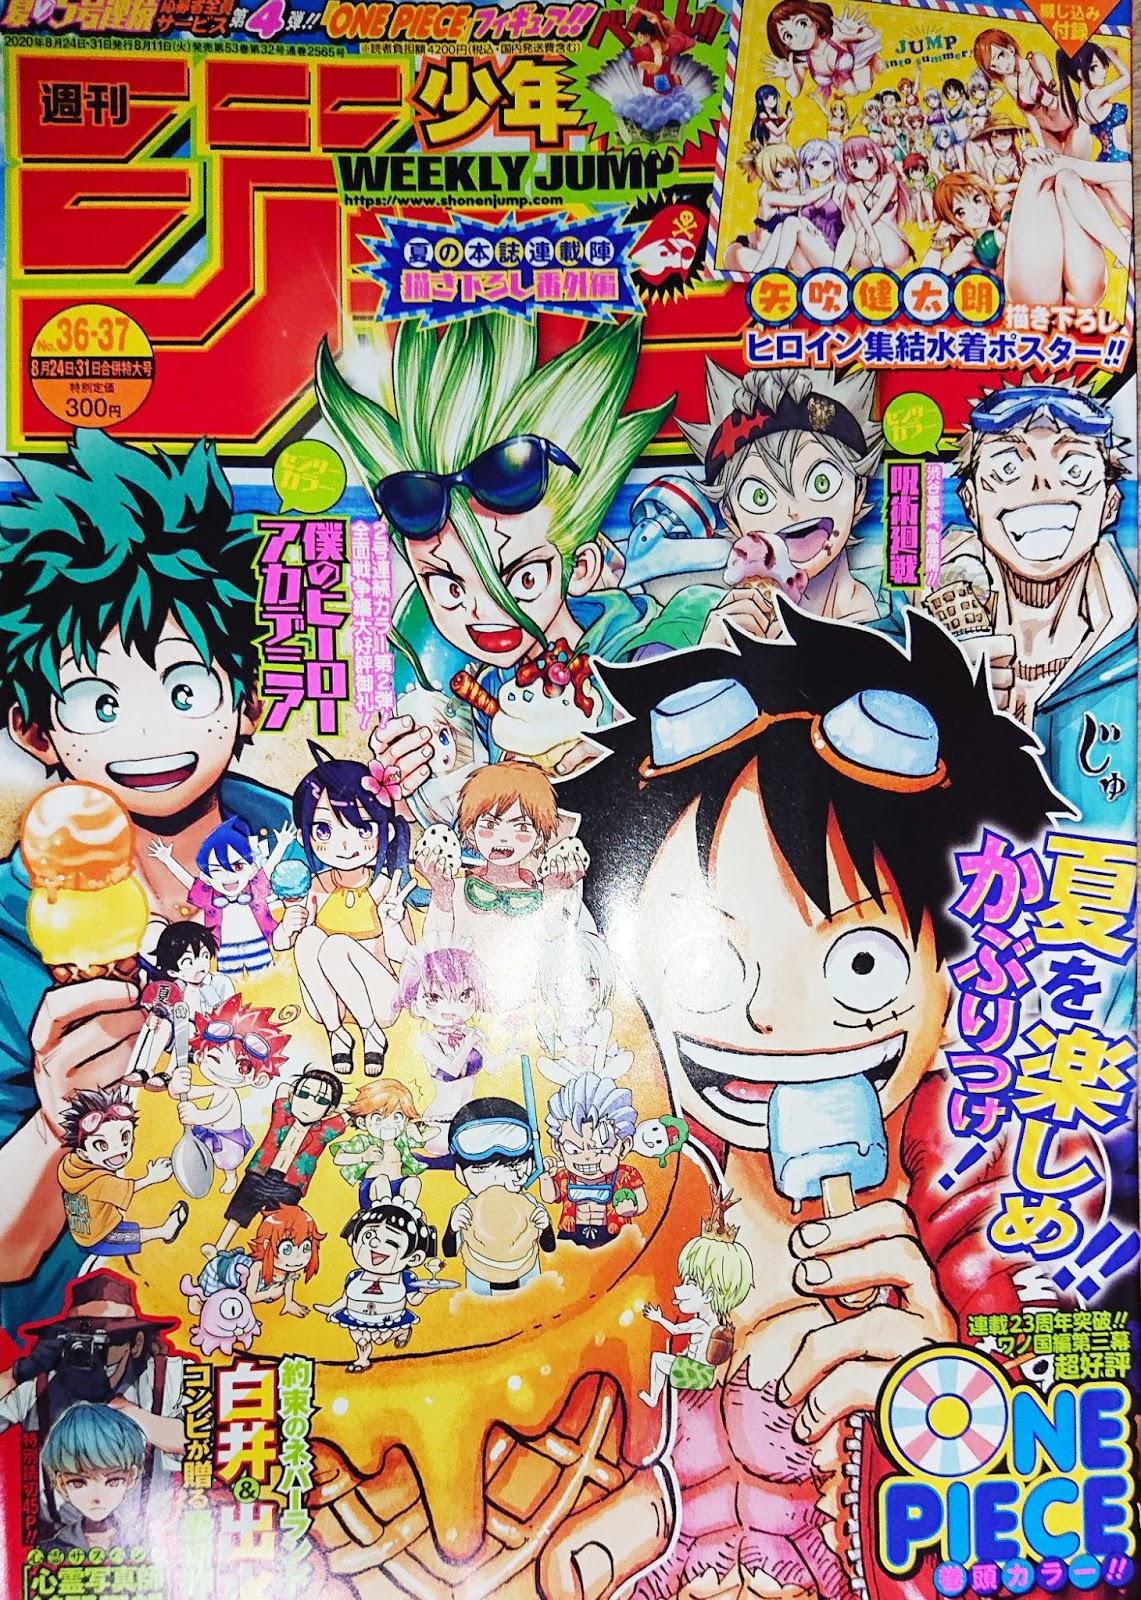 週刊少年ジャンプ 2020年36・37号 [Weekly Shonen Jump 2020 No.36/37+RAR]